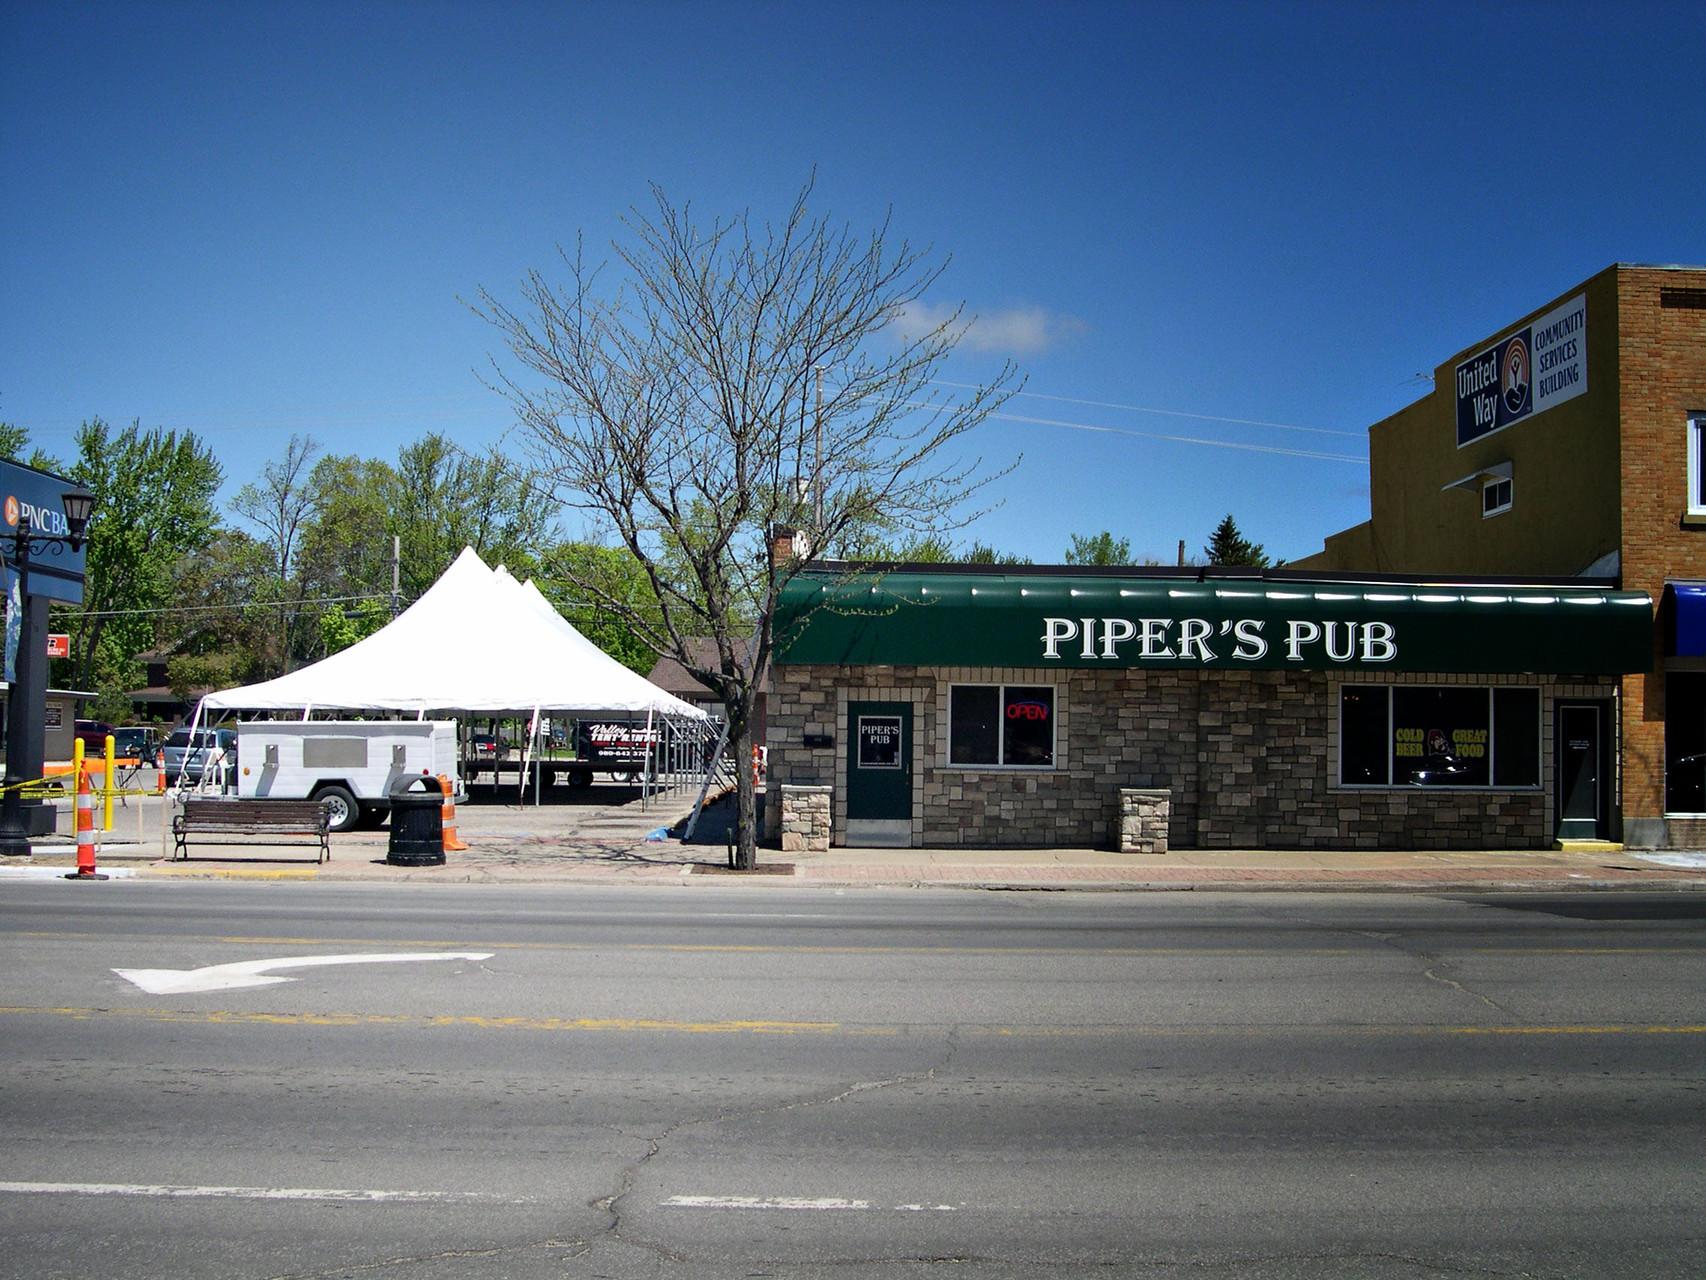 30 x 60 Piper's Pub